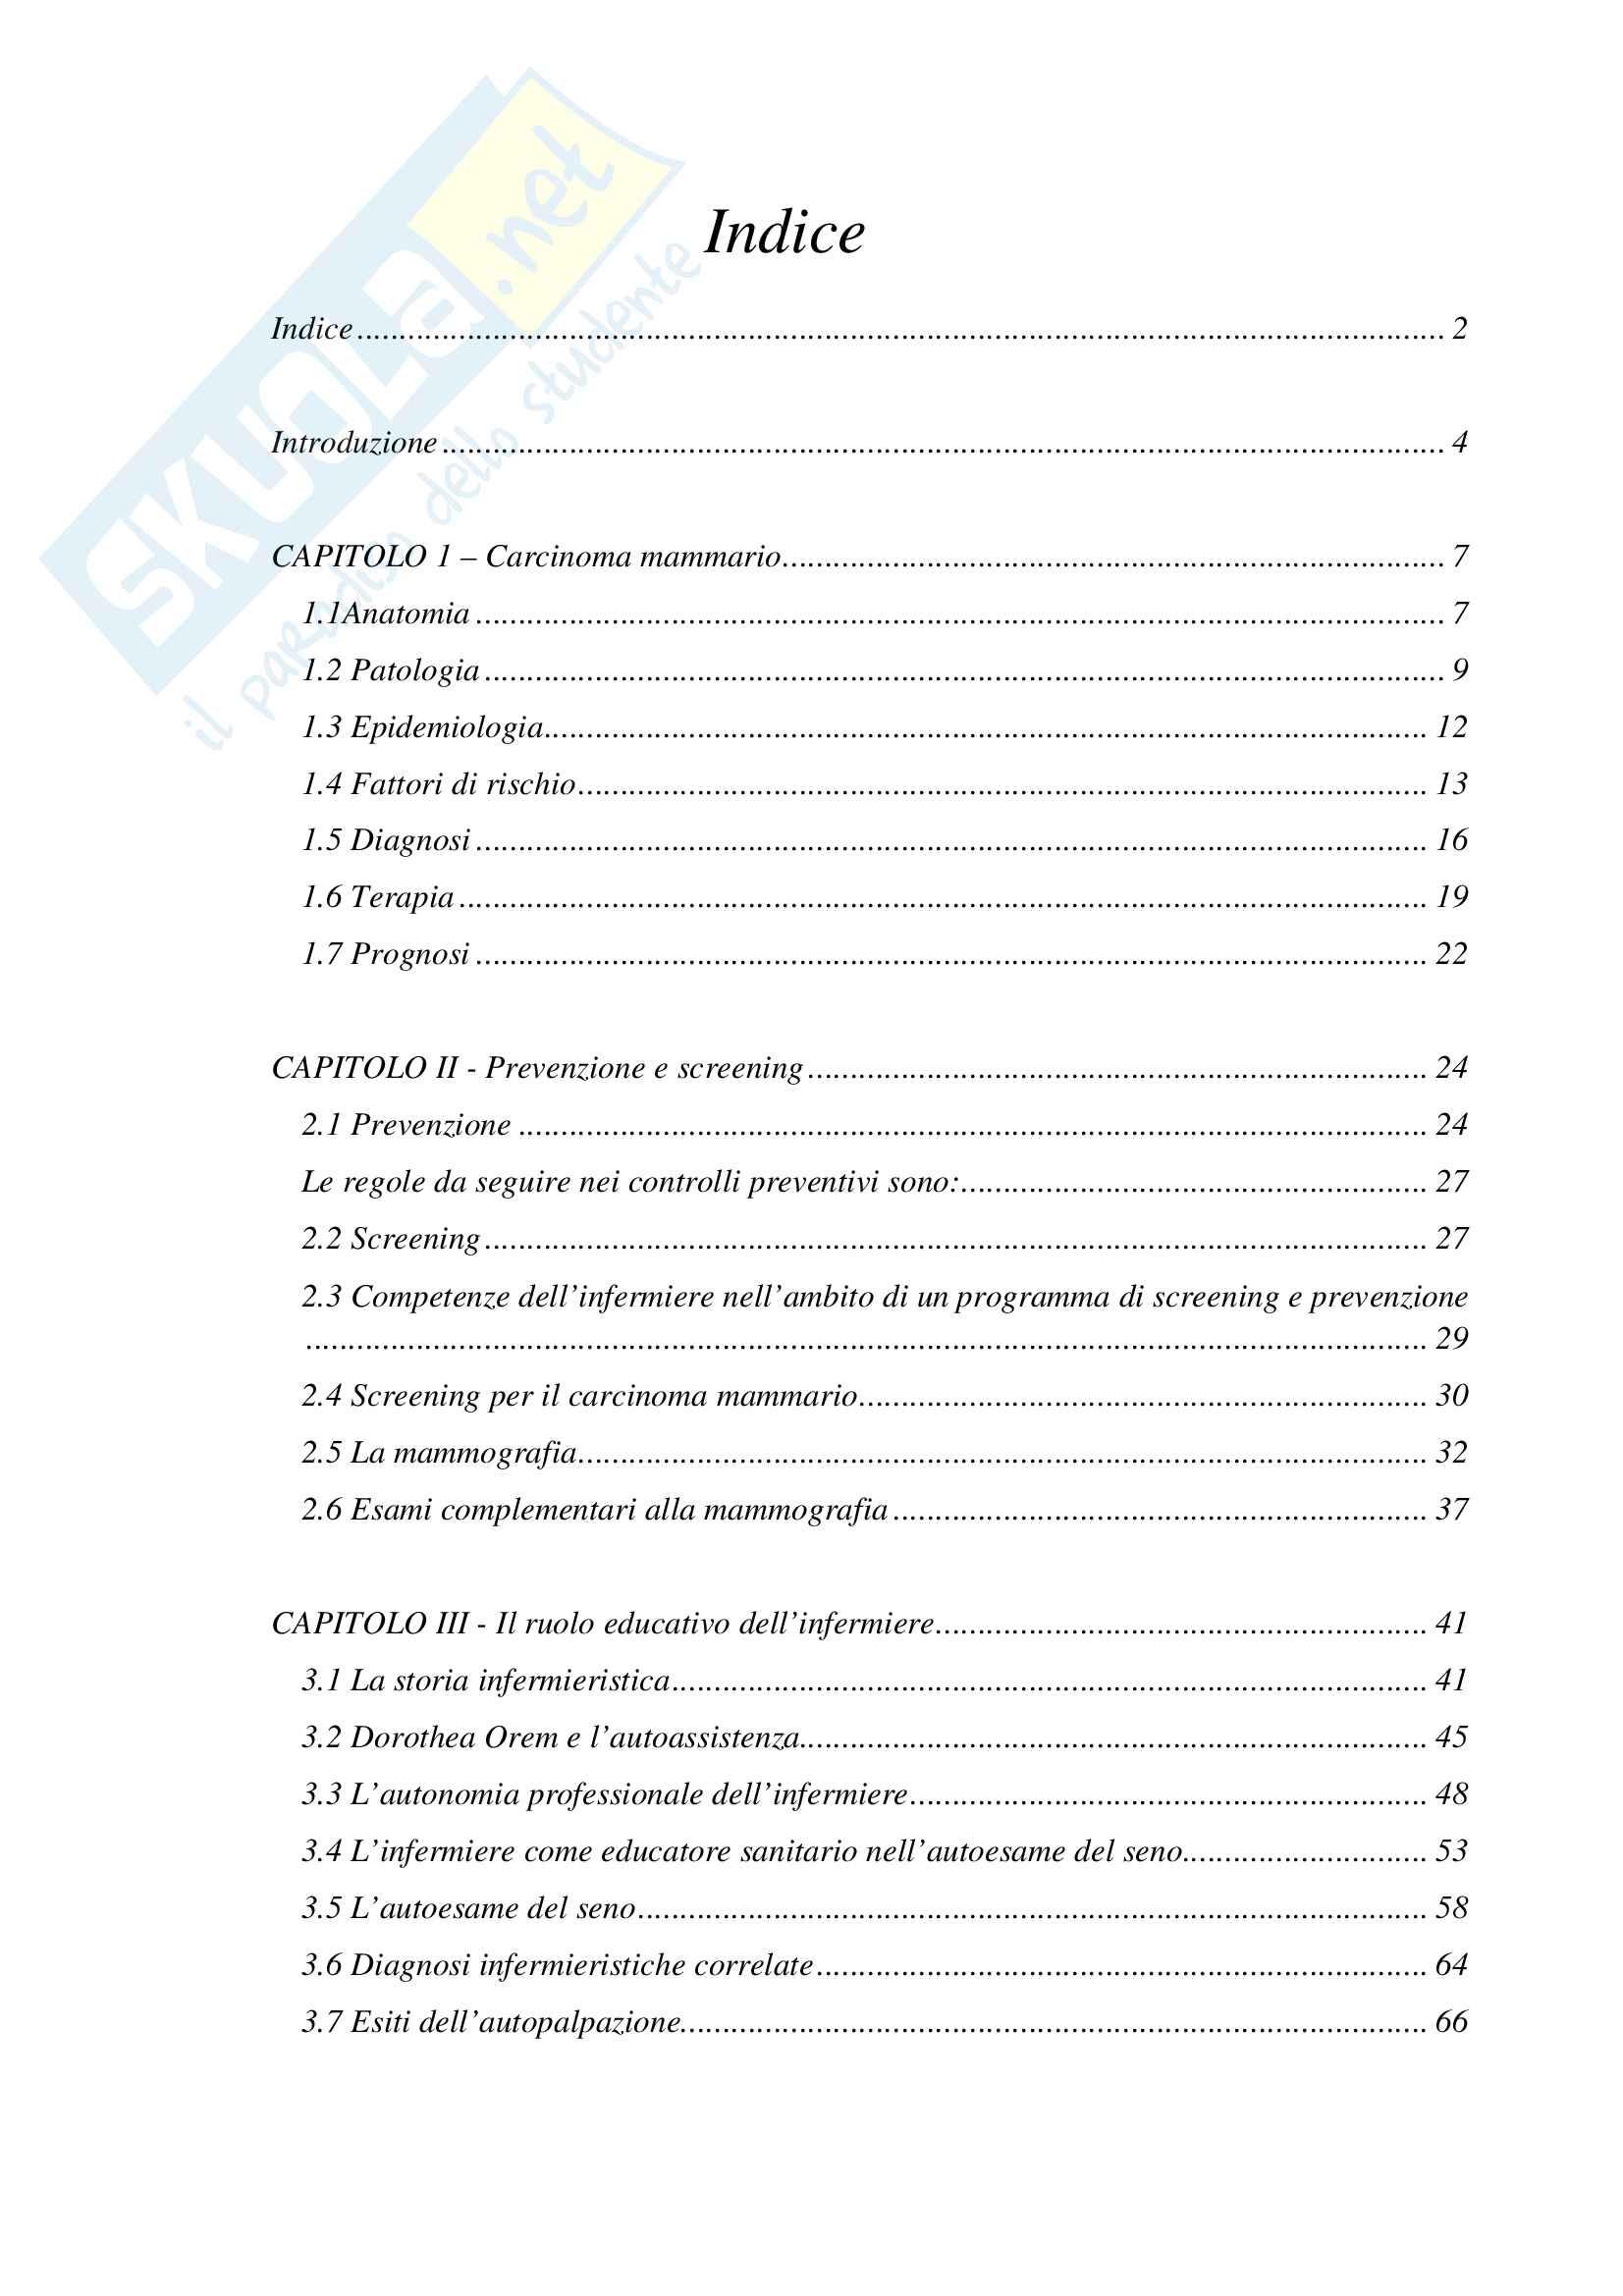 Tesi Ruolo dell'infermiere nella prevenzione oncologica femminile: l'autoesame del seno Pag. 2